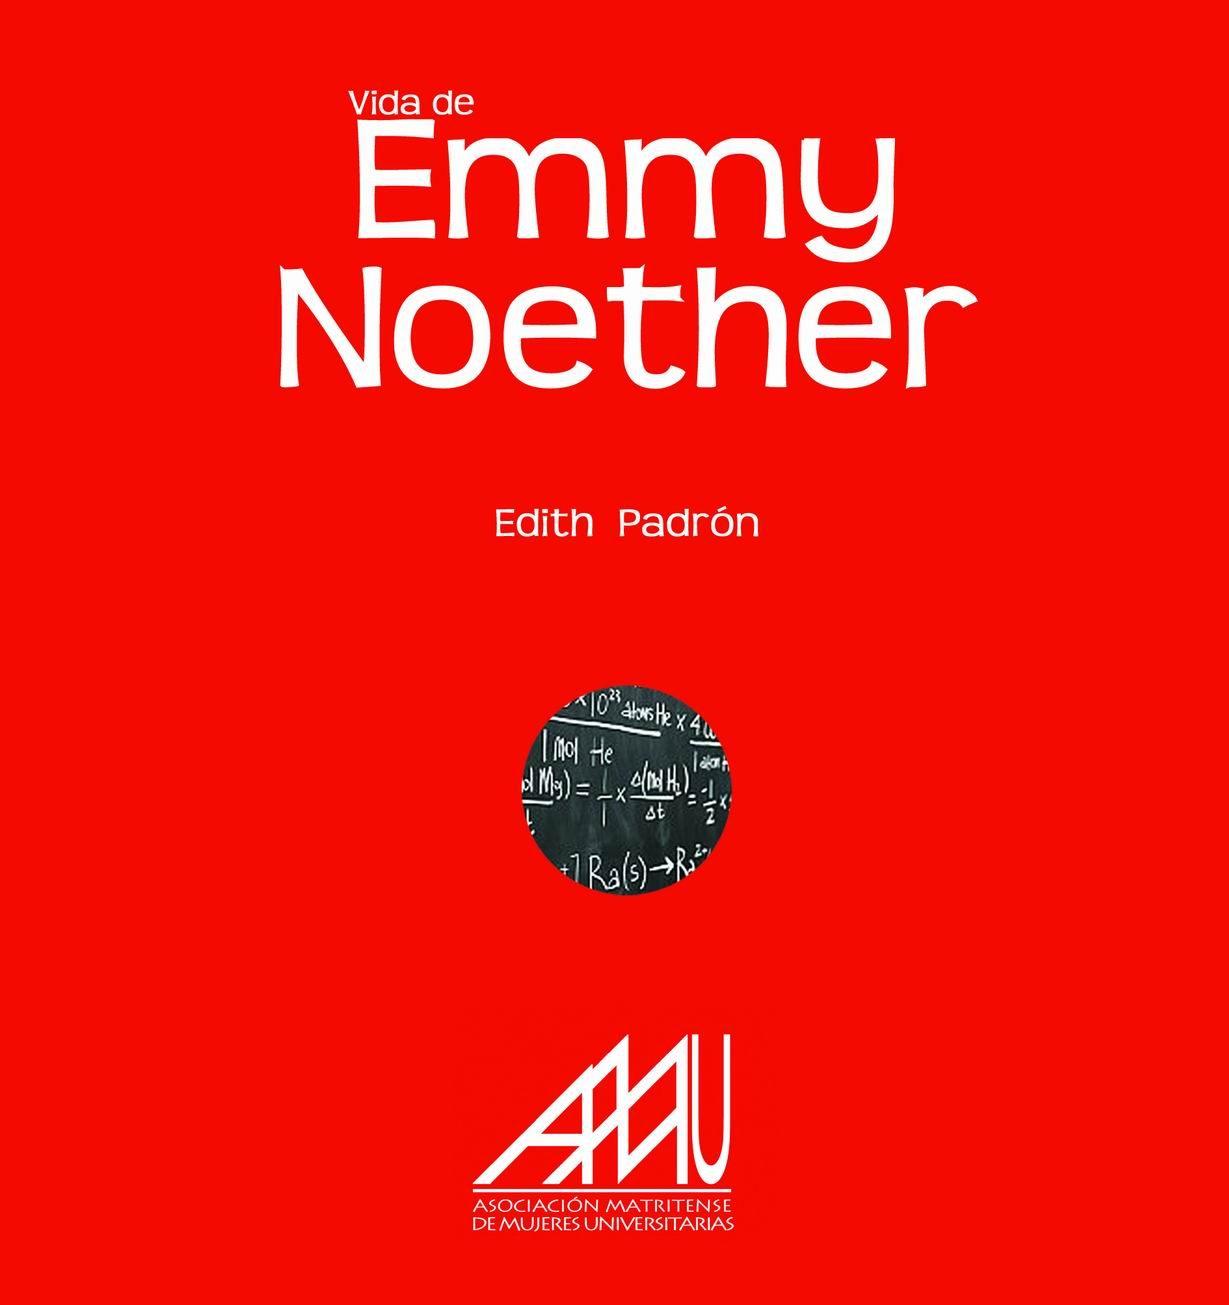 vida de emmy noether-edith padrón-9788493752453